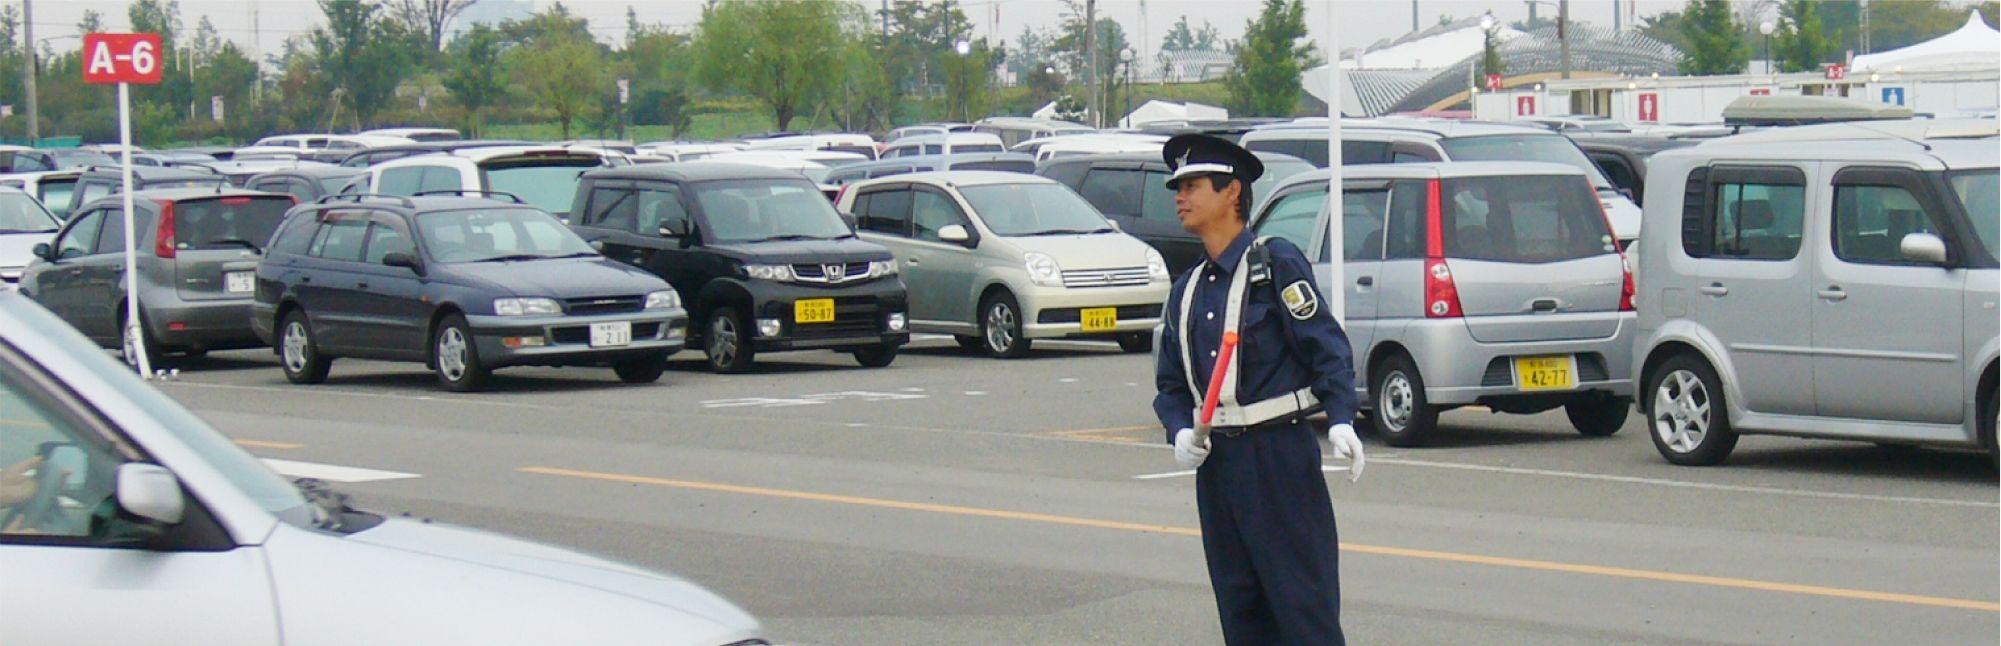 駐車場警備業務